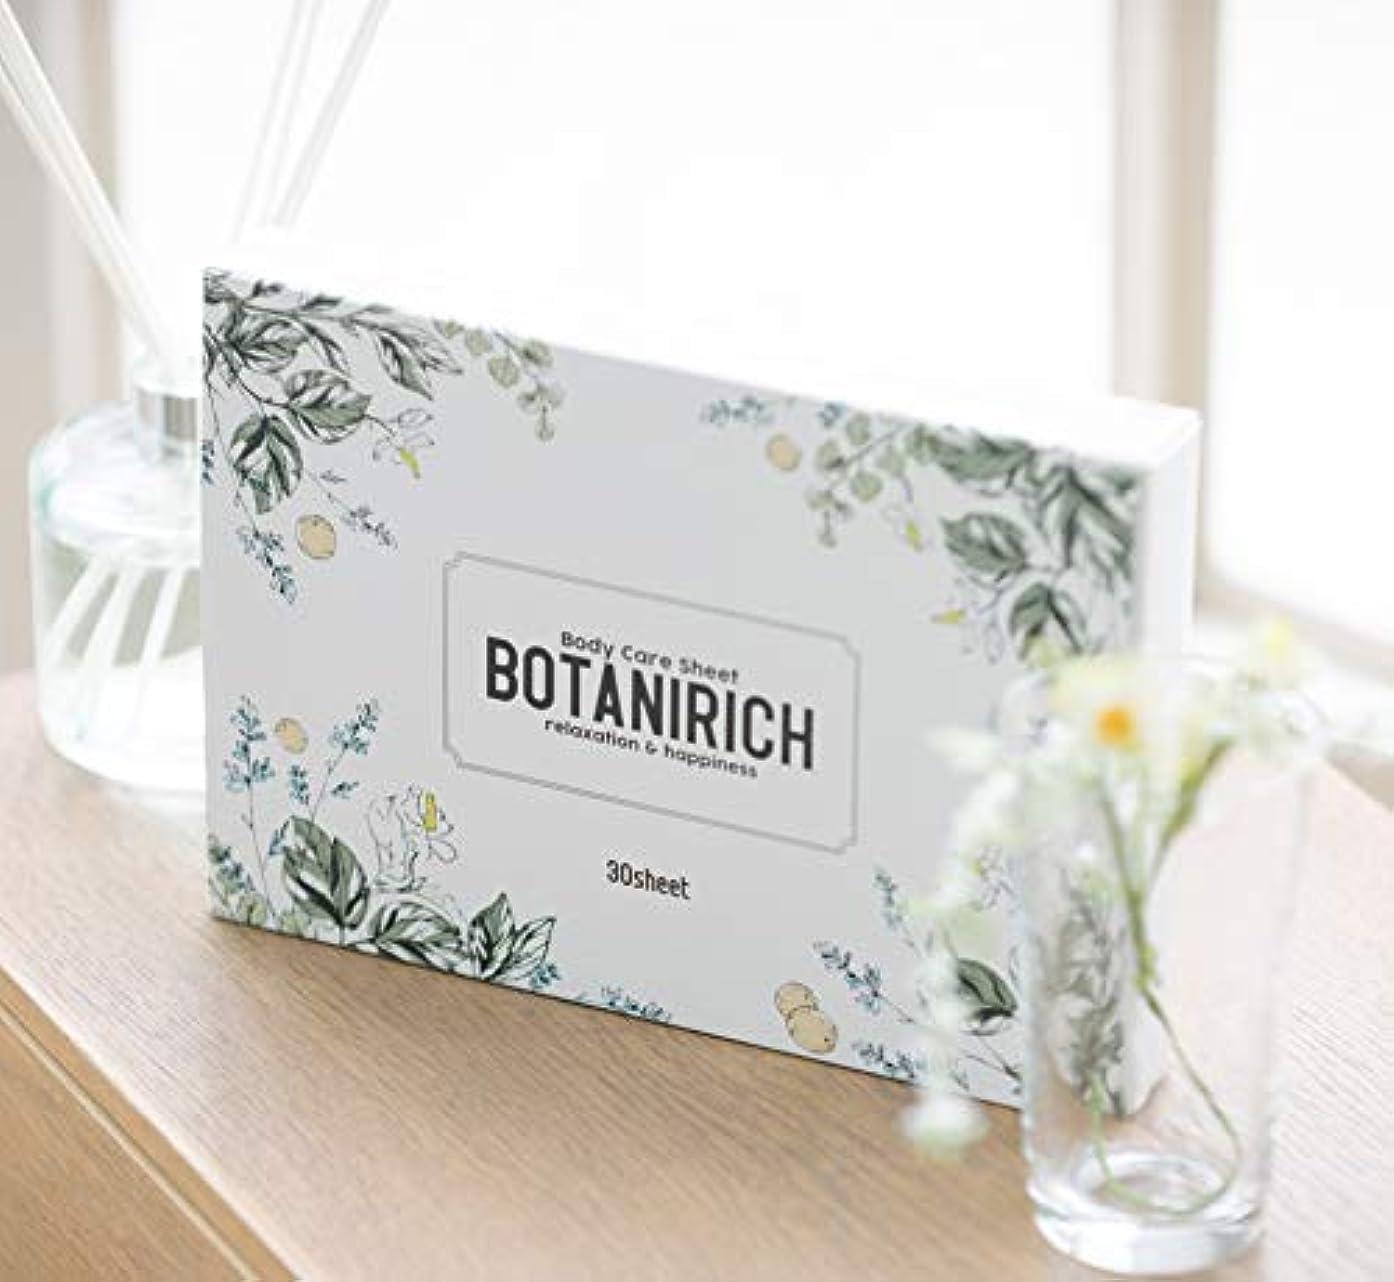 塗抹ジョイント重要な役割を果たす、中心的な手段となるBOTANIRICH ボタニリッチ 医療機器取得の樹液シート 30枚 足裏シート 足スッキリ